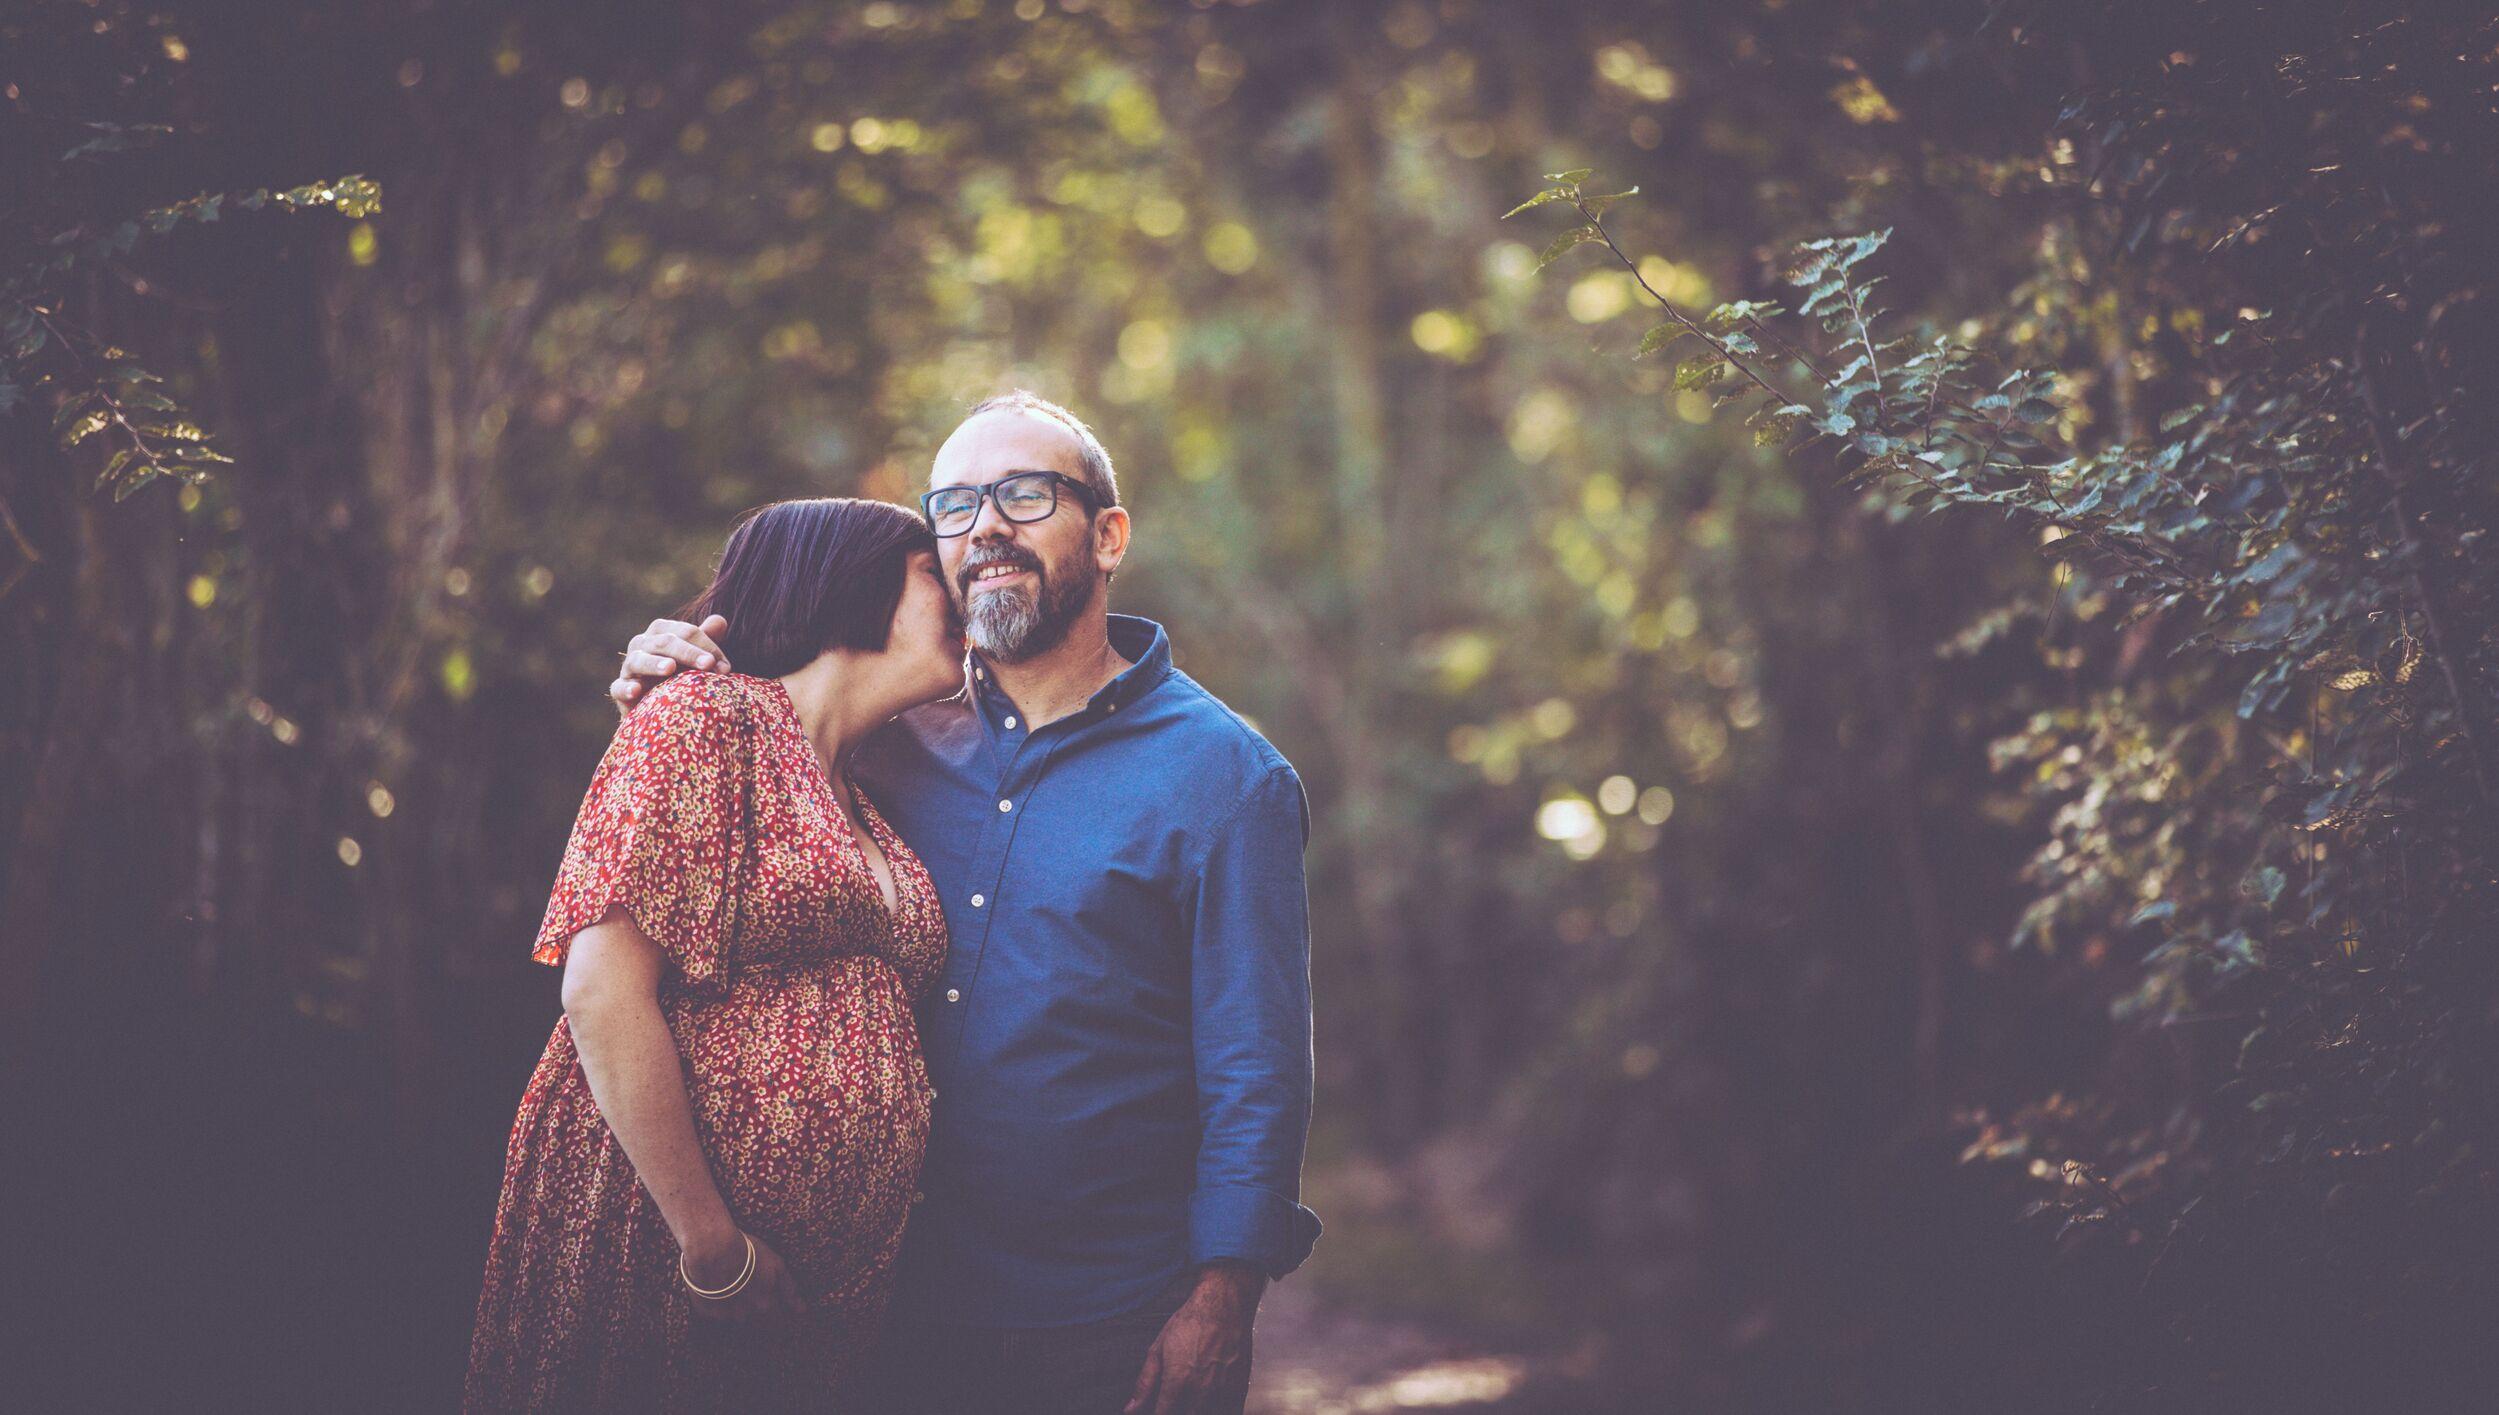 Photographie d'un couple dans la nature par Aline ruzé Photographe Montpellier